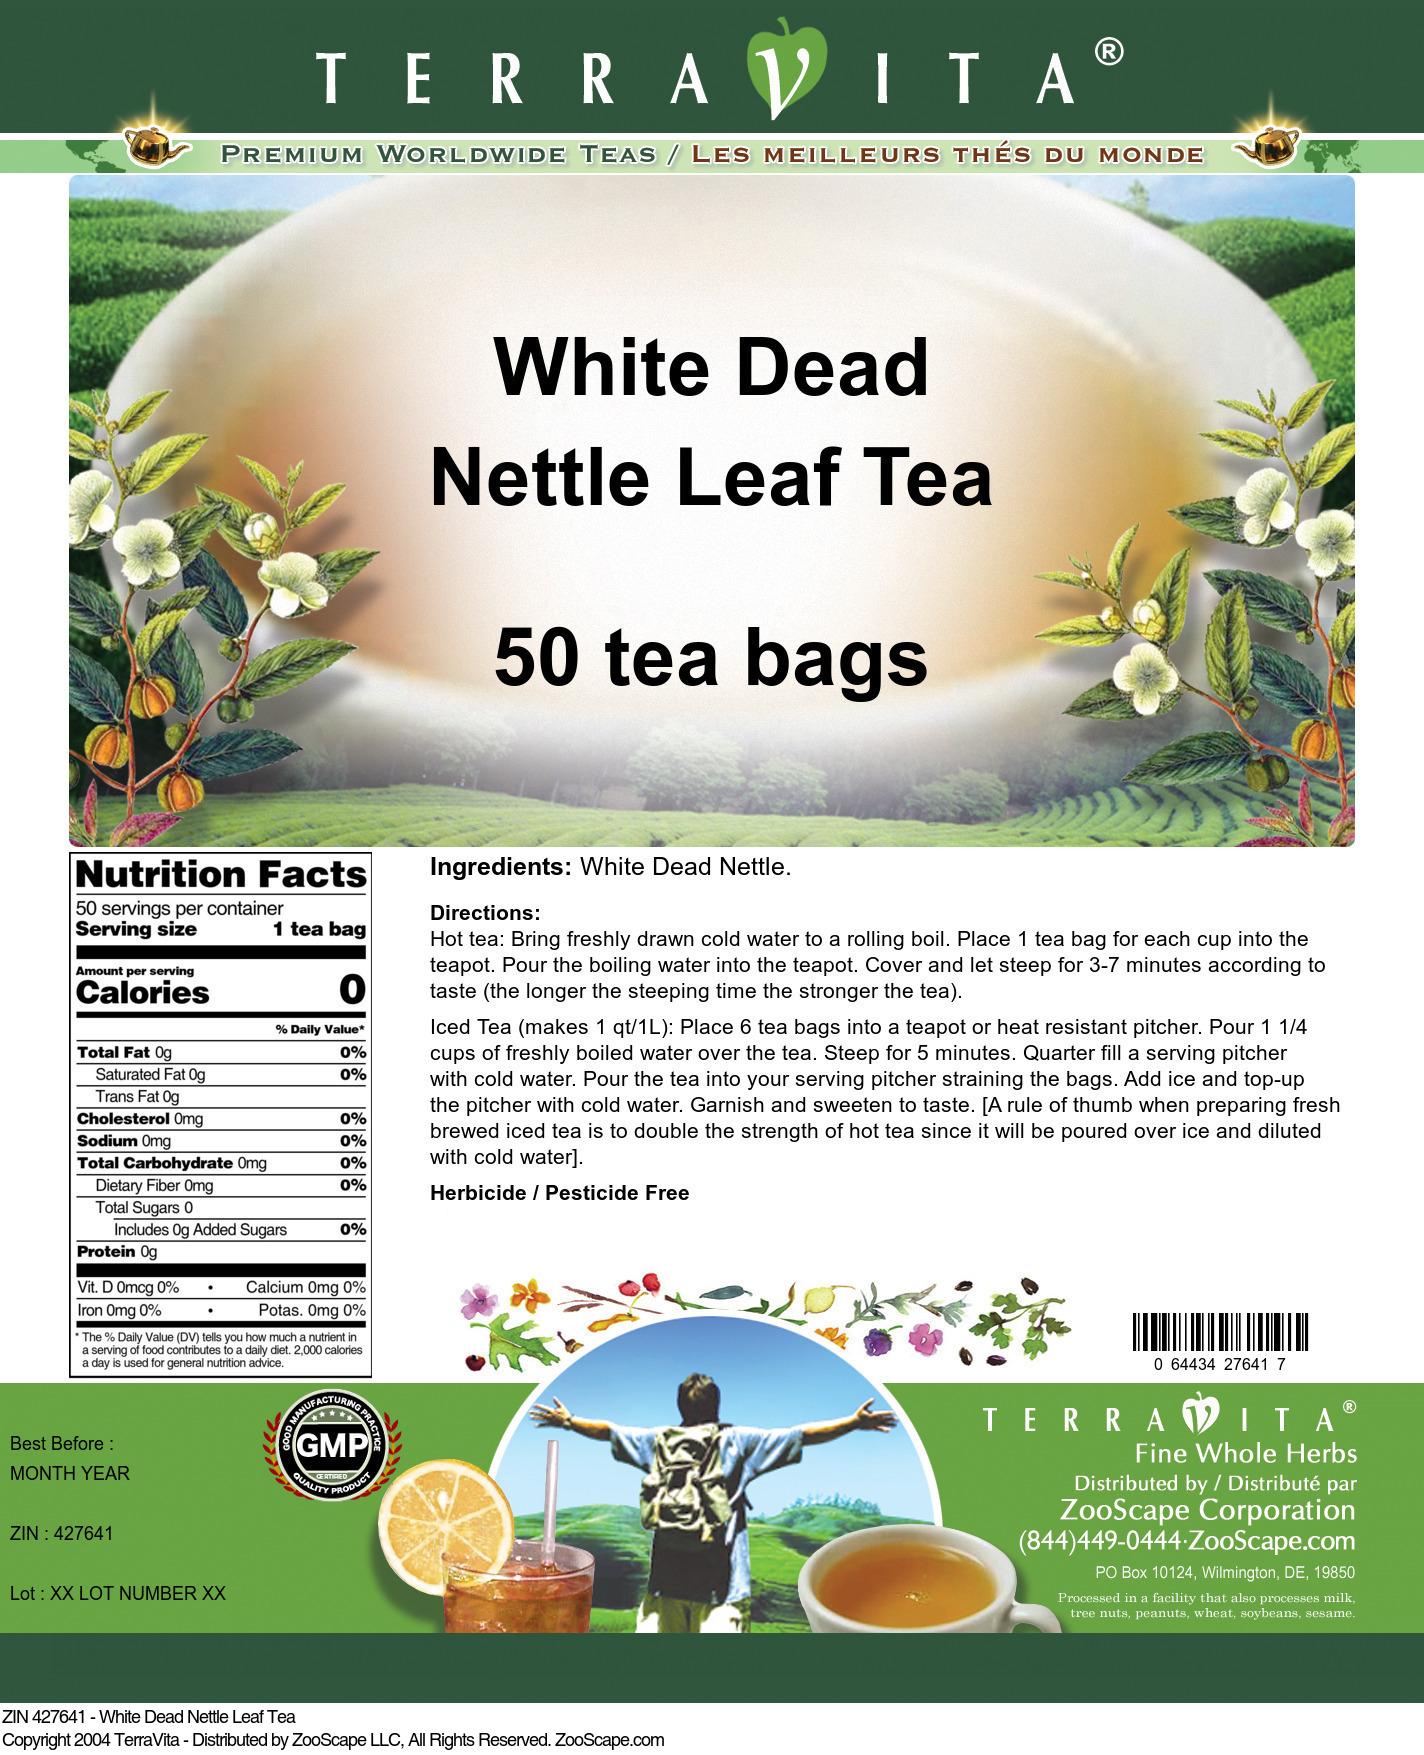 White Dead Nettle Leaf Tea